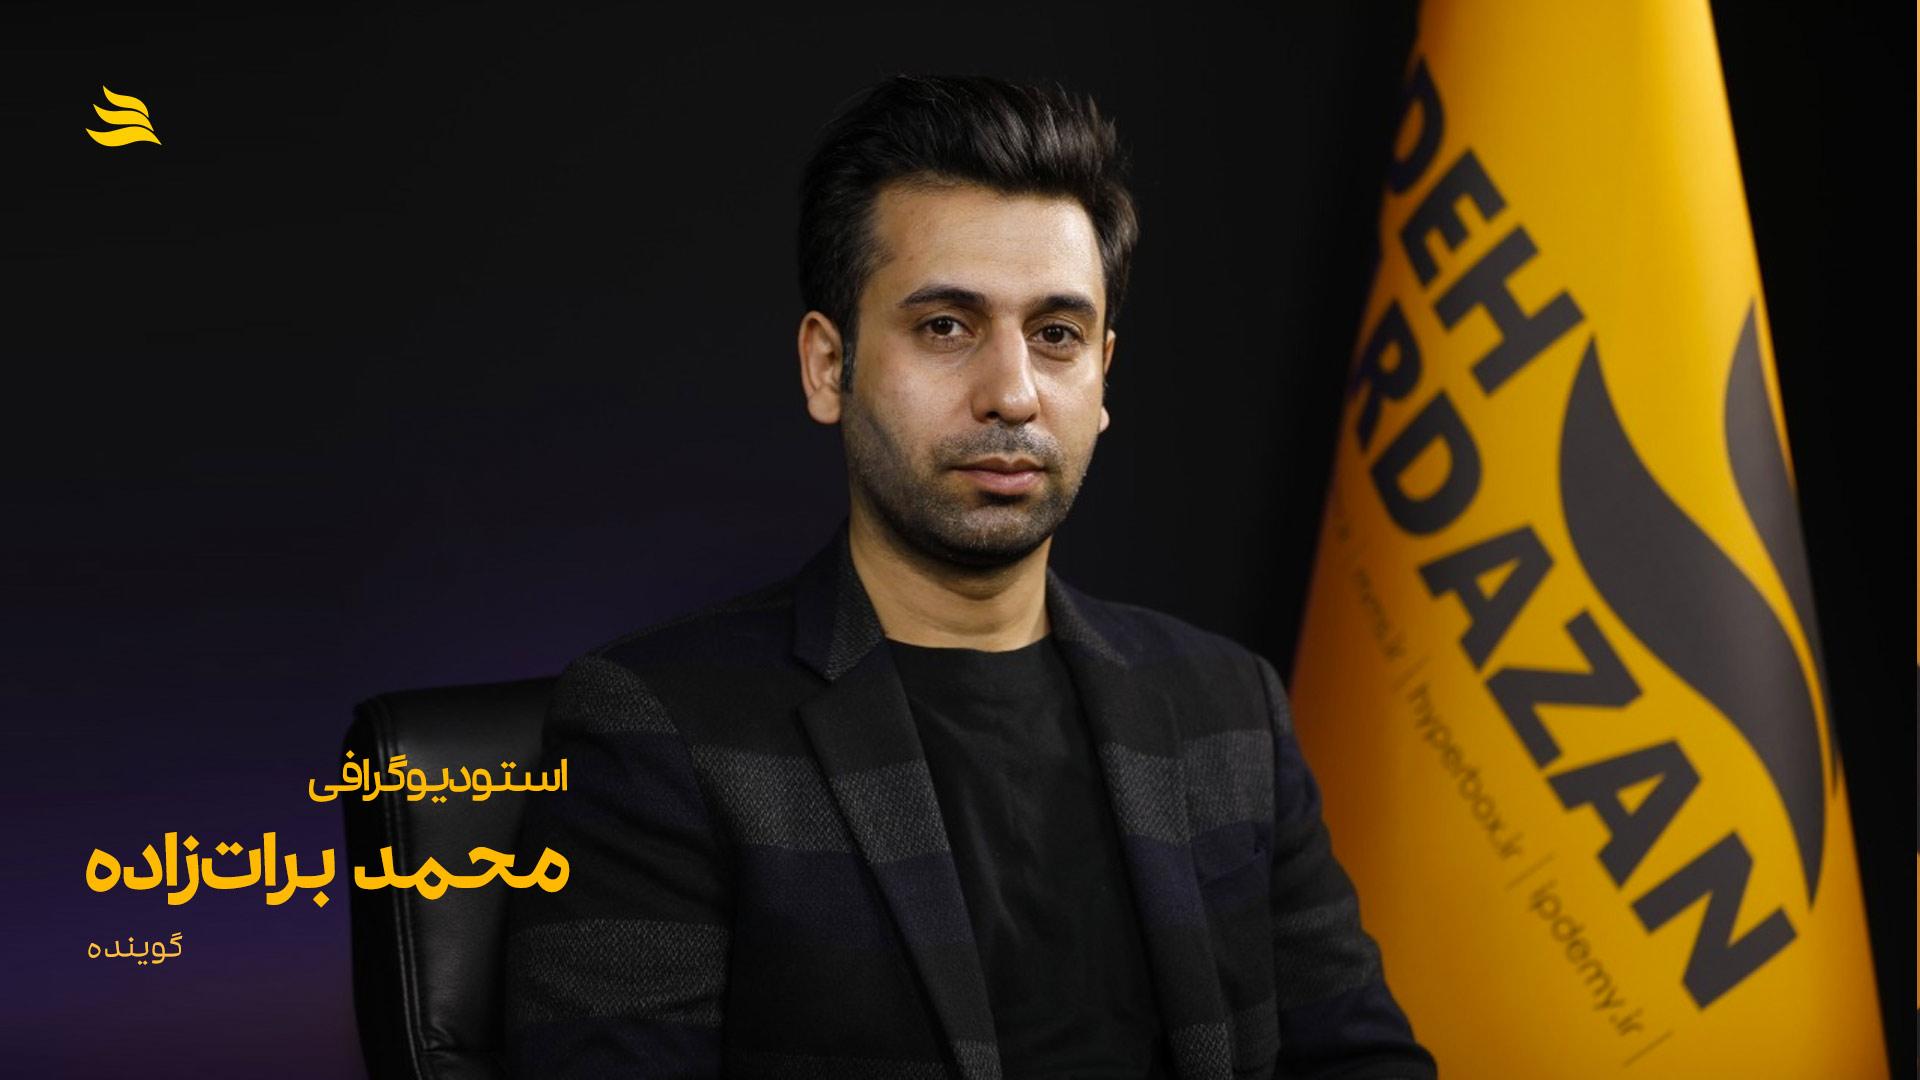 بیوگرافی محمدرضا براتزاده